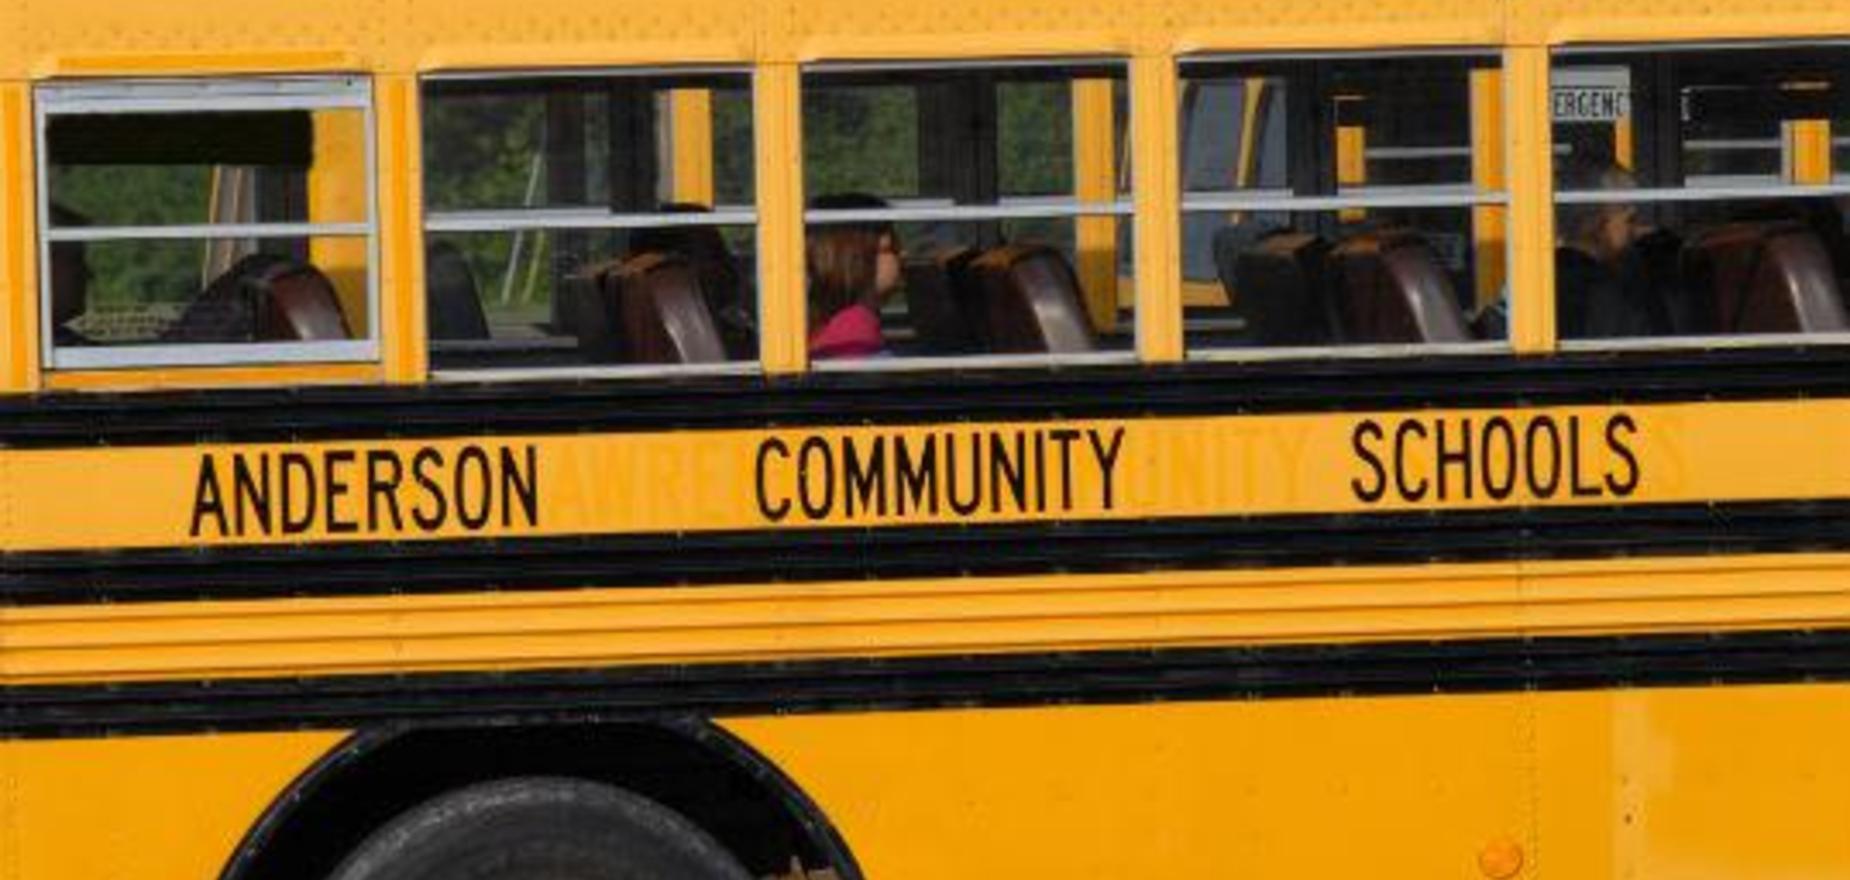 Anderson Community Schools